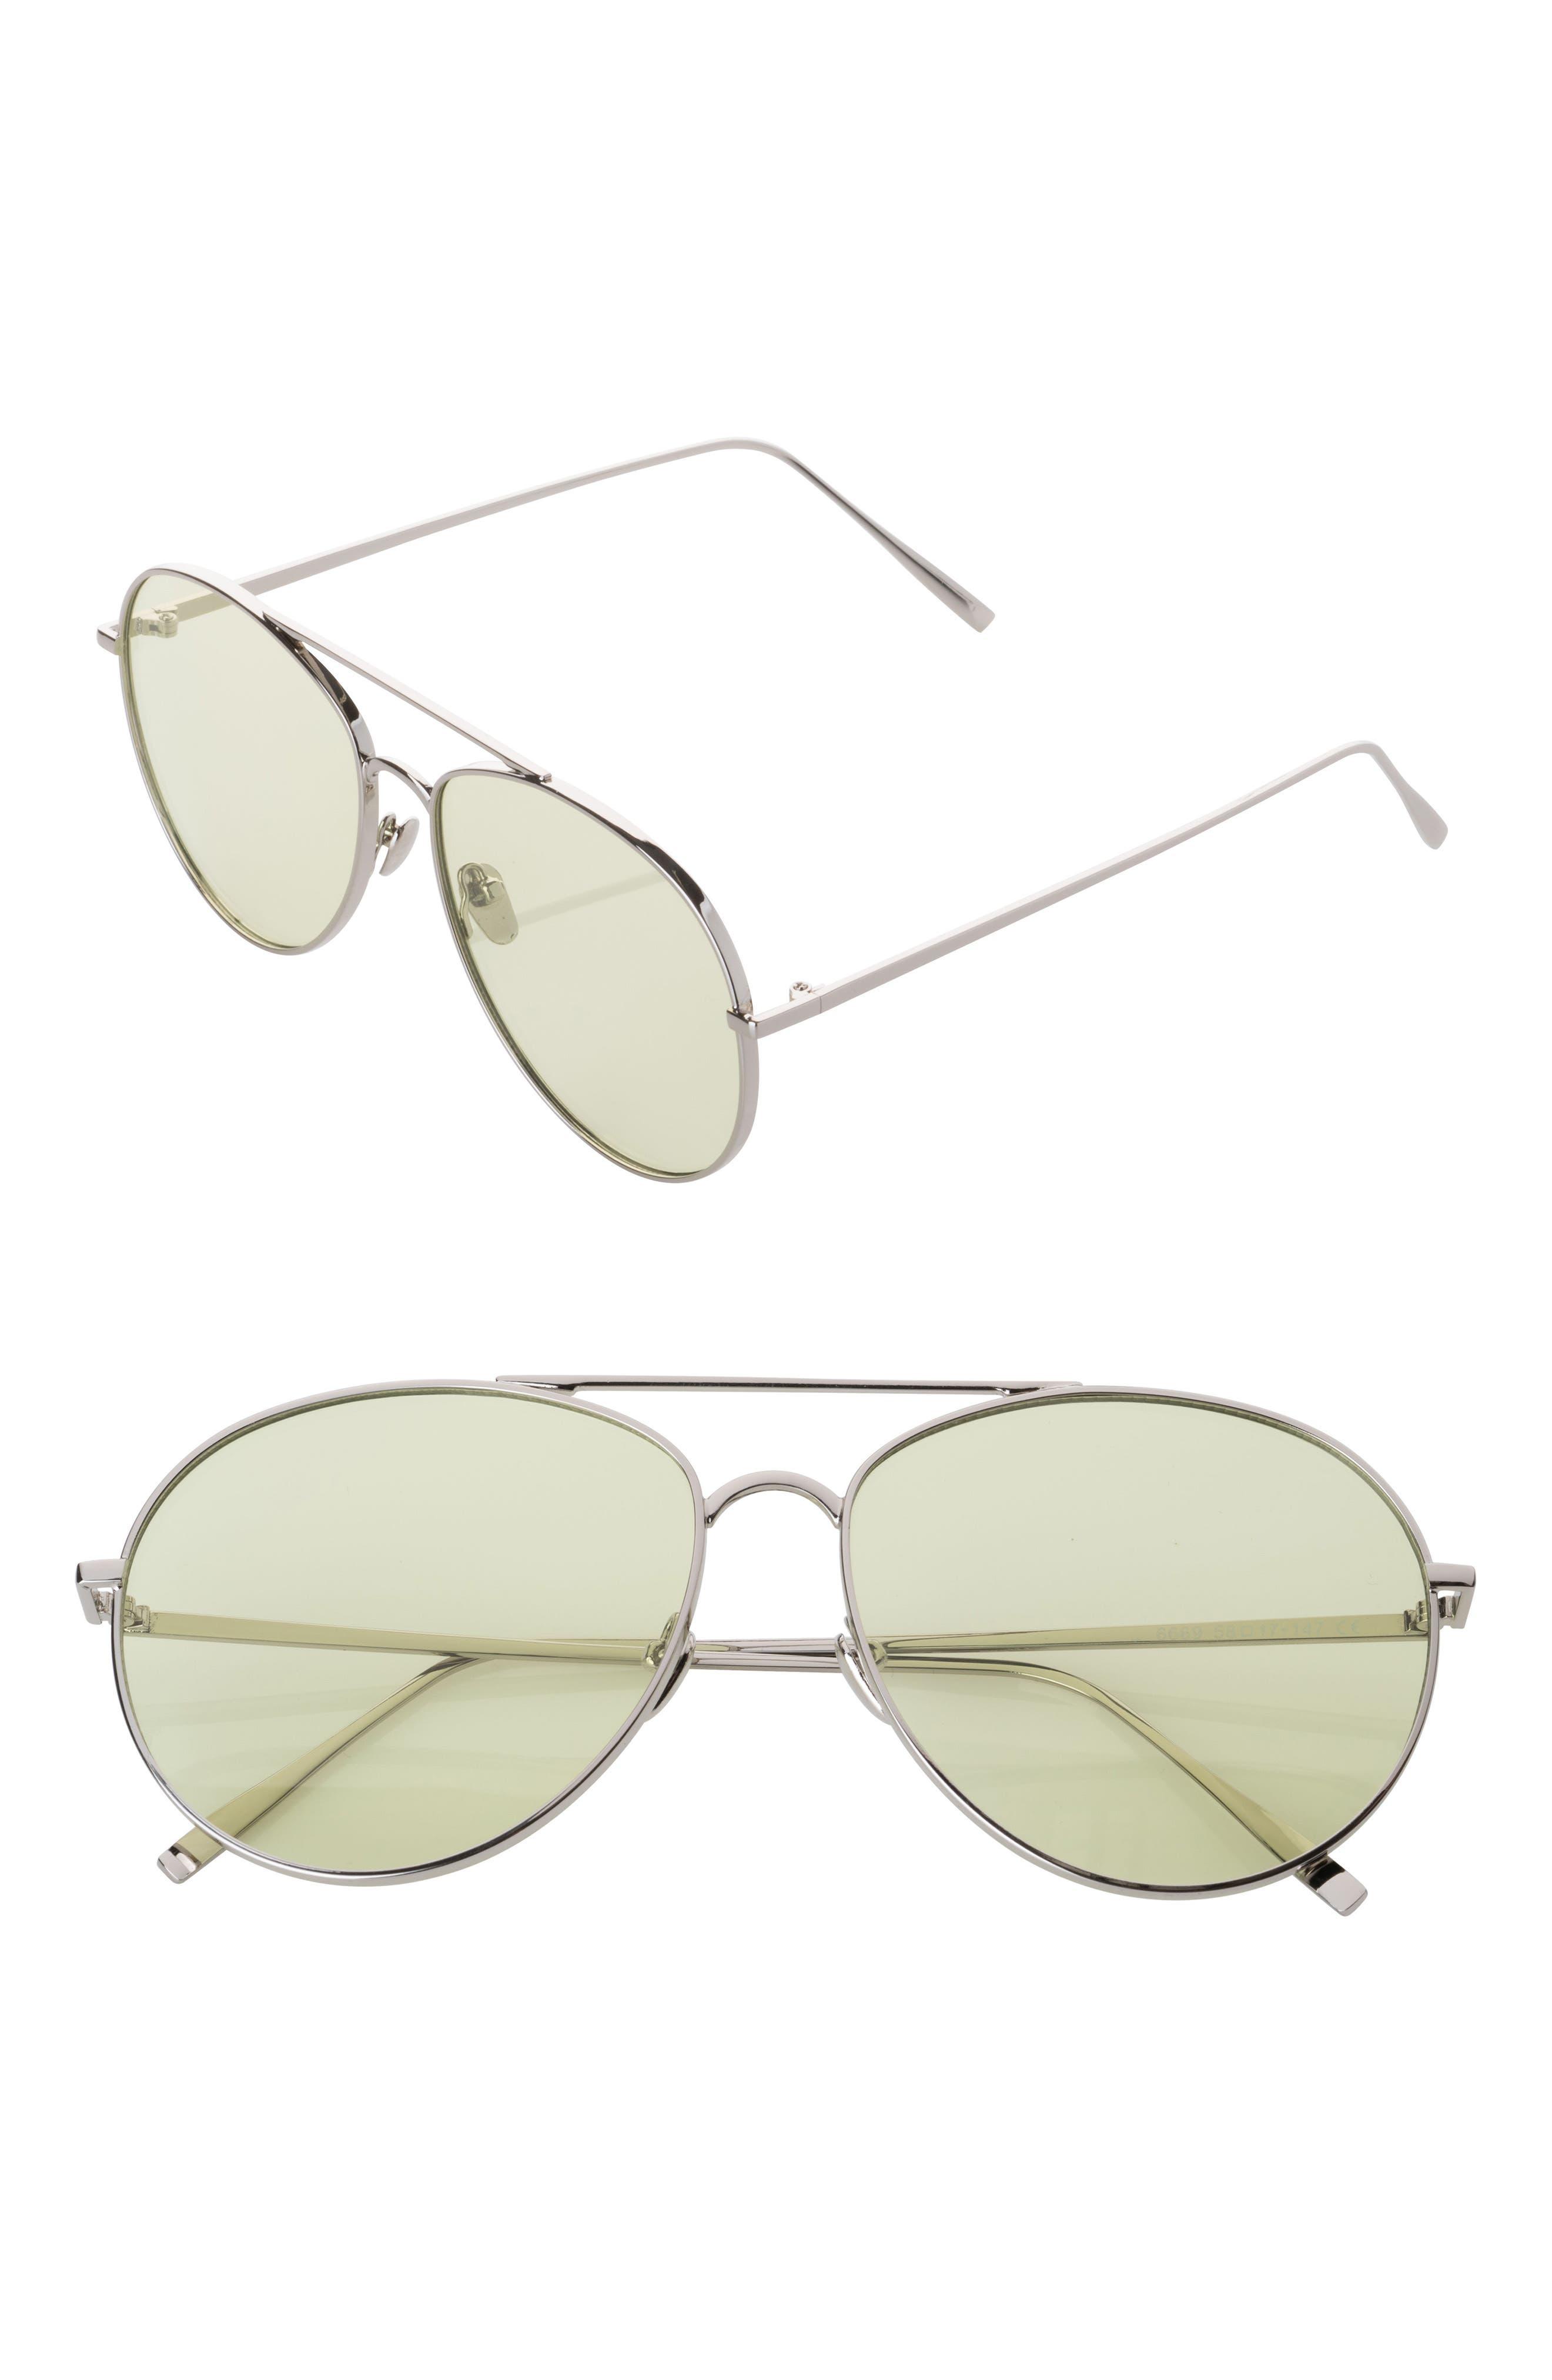 SunnySide LA Aviator Sunglasses